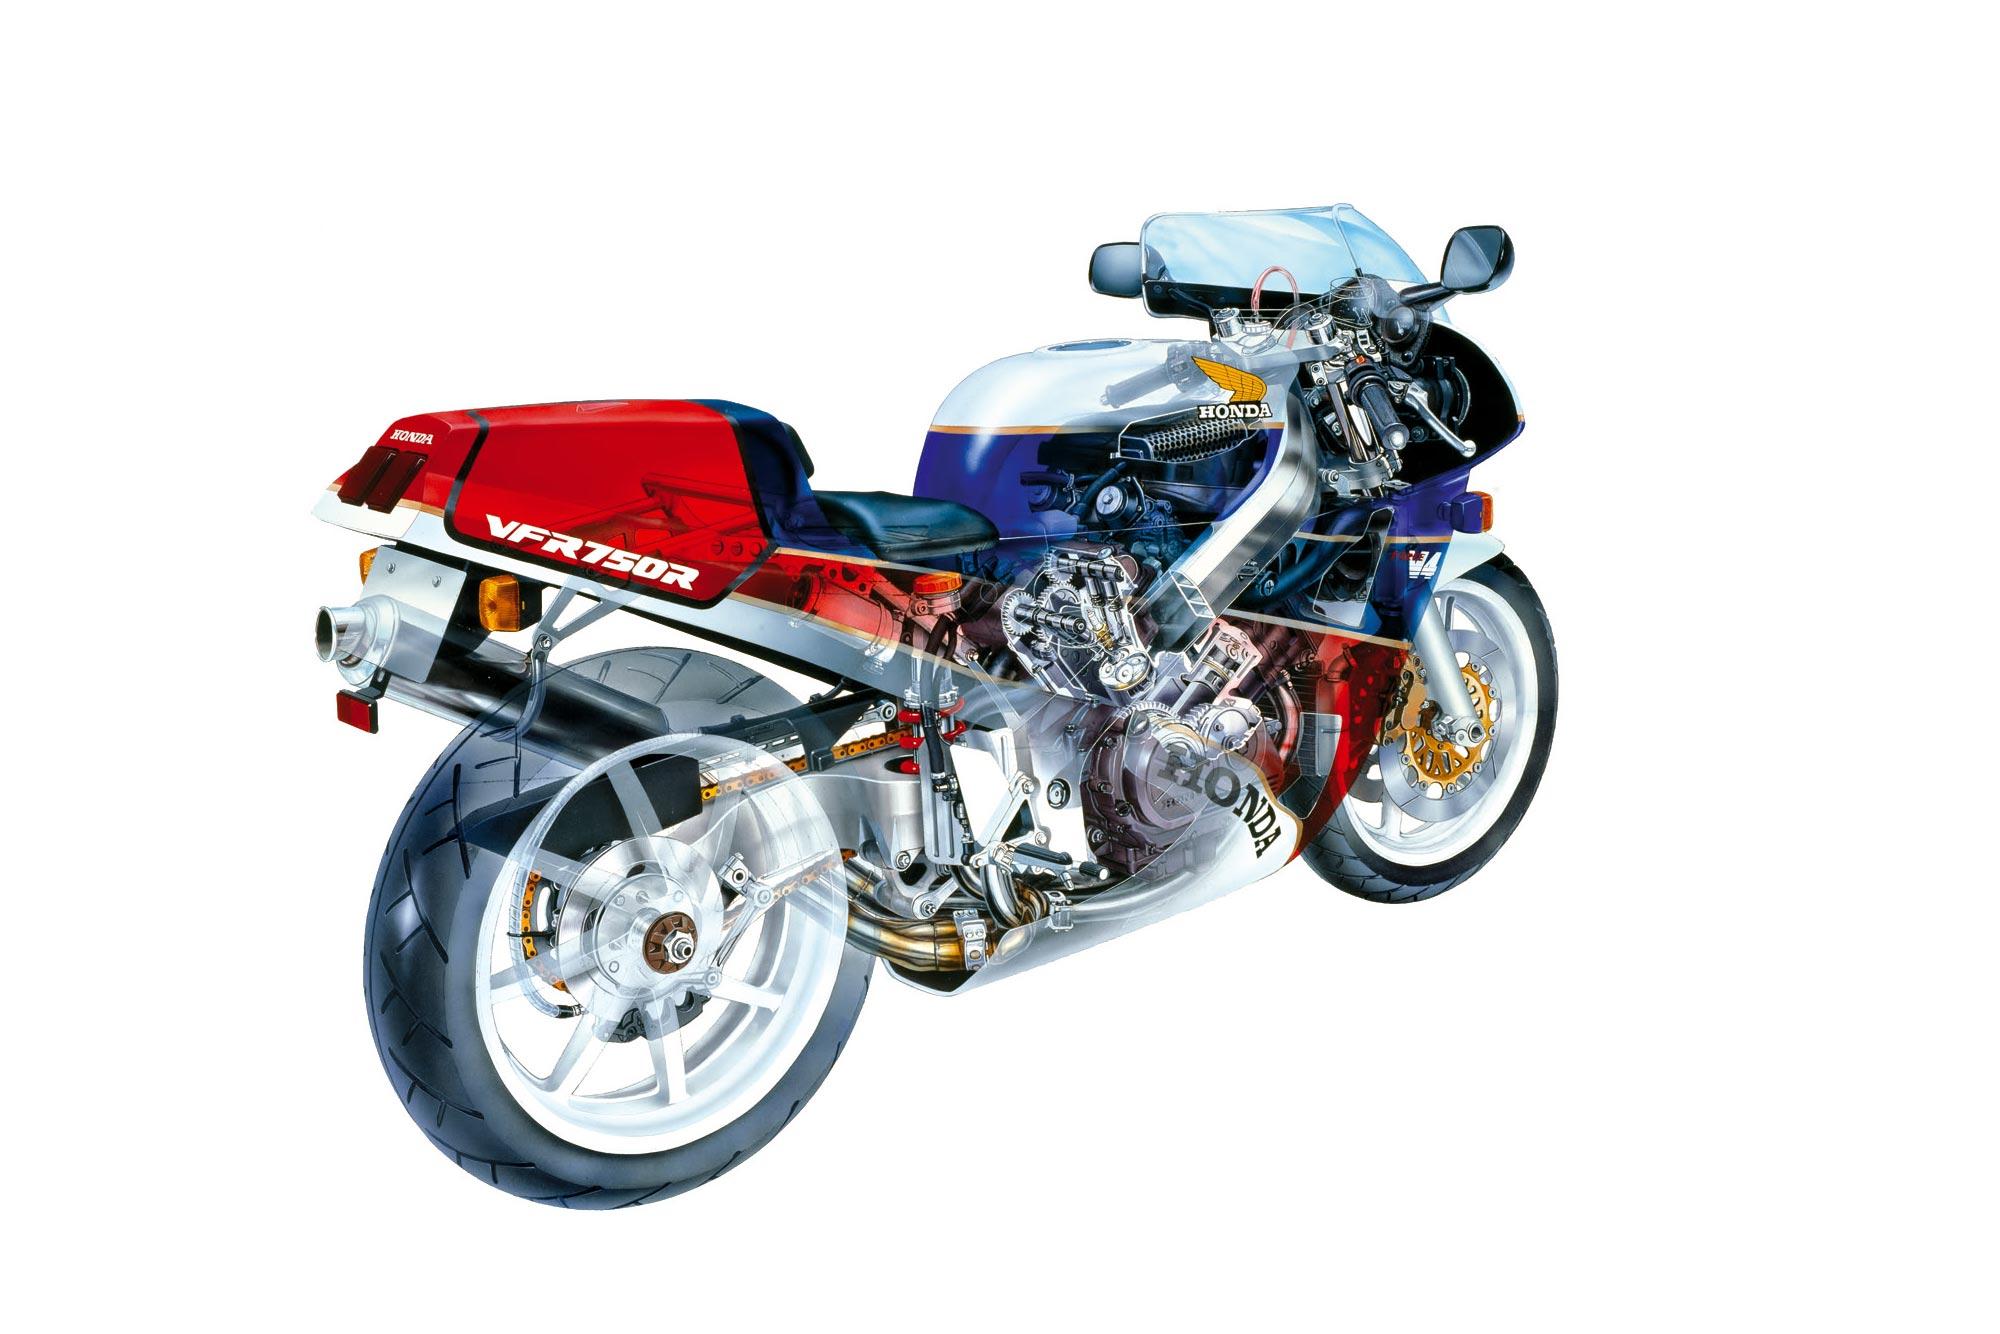 Honda RC213 V4 Street Bike to Cost $100,000+ - Asphalt & Rubber